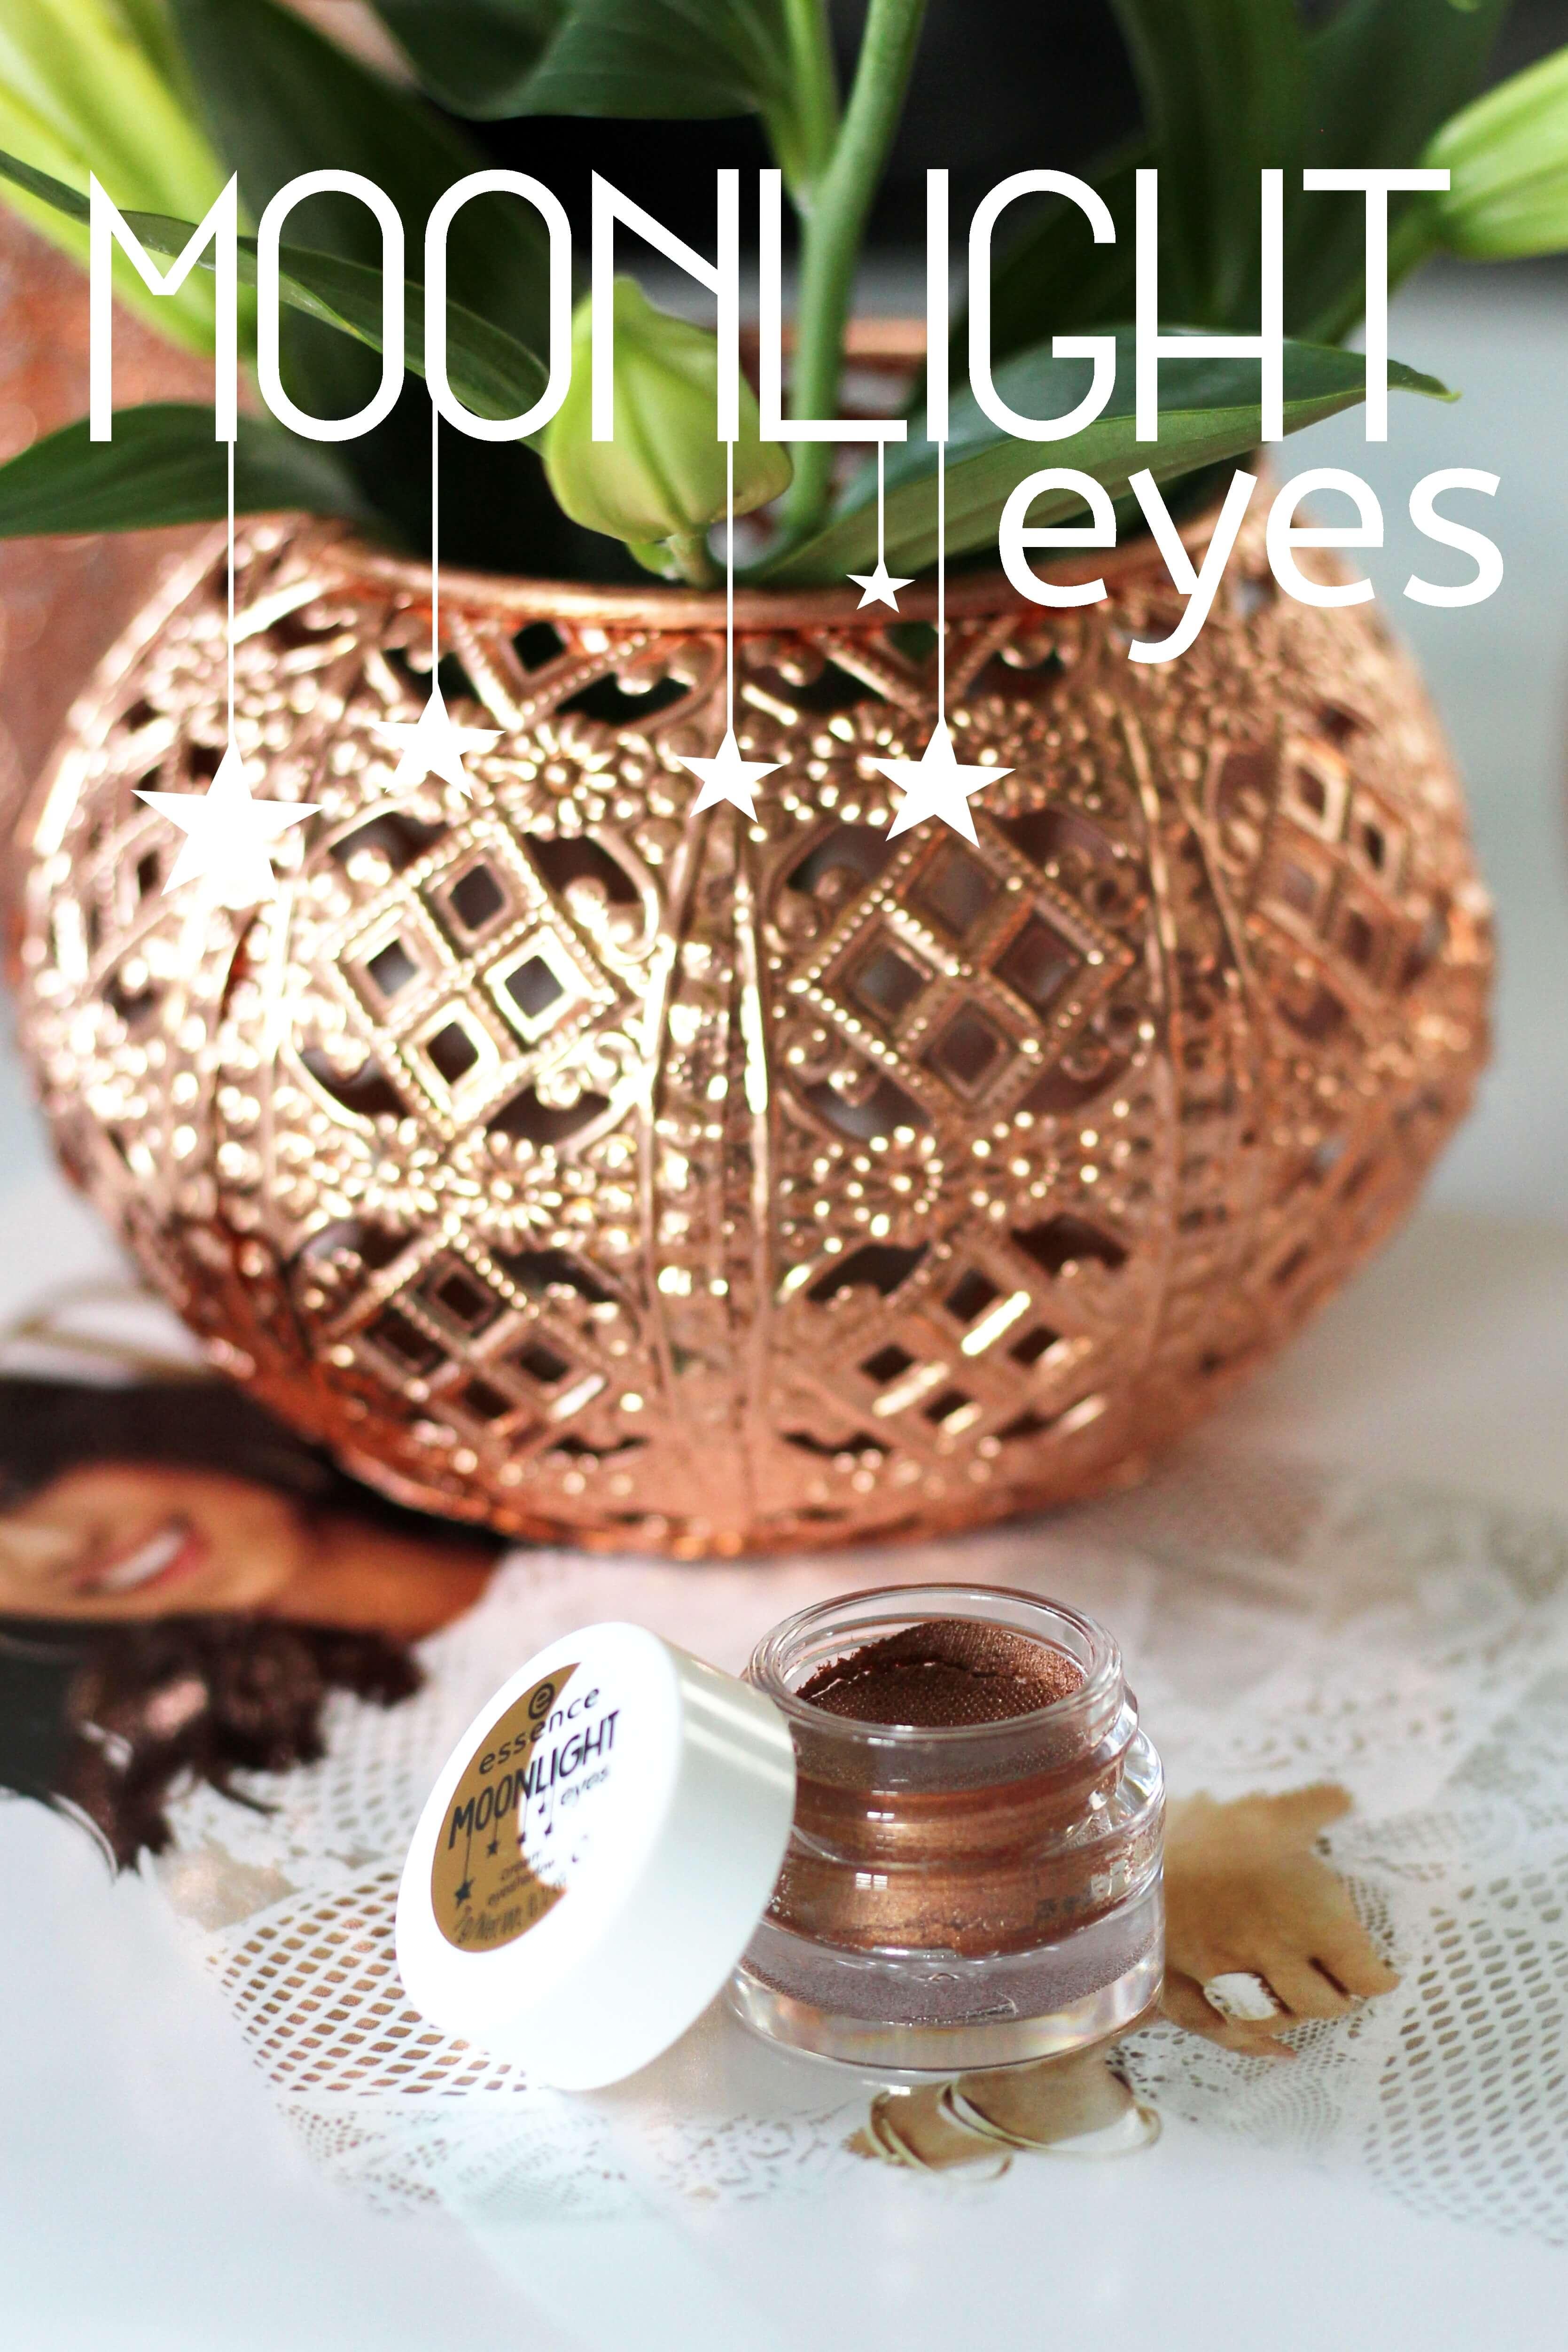 moonlight-eyeshadow-metallic-essence